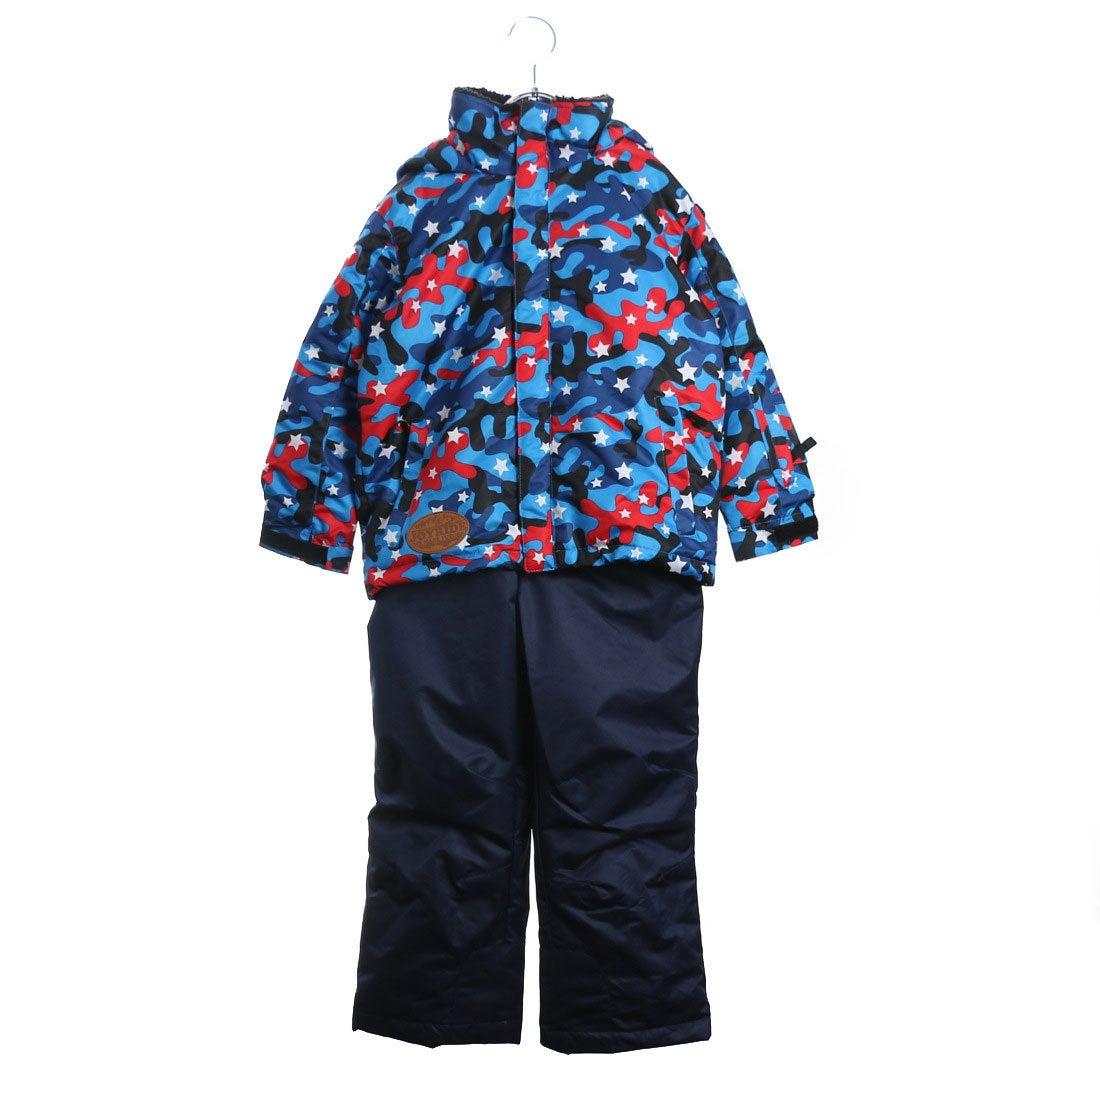 ロコンド 靴とファッションの通販サイトジョイライドJOYRIDEジュニアスキーウェア上下セットトドラースキーウェアJOT-5337